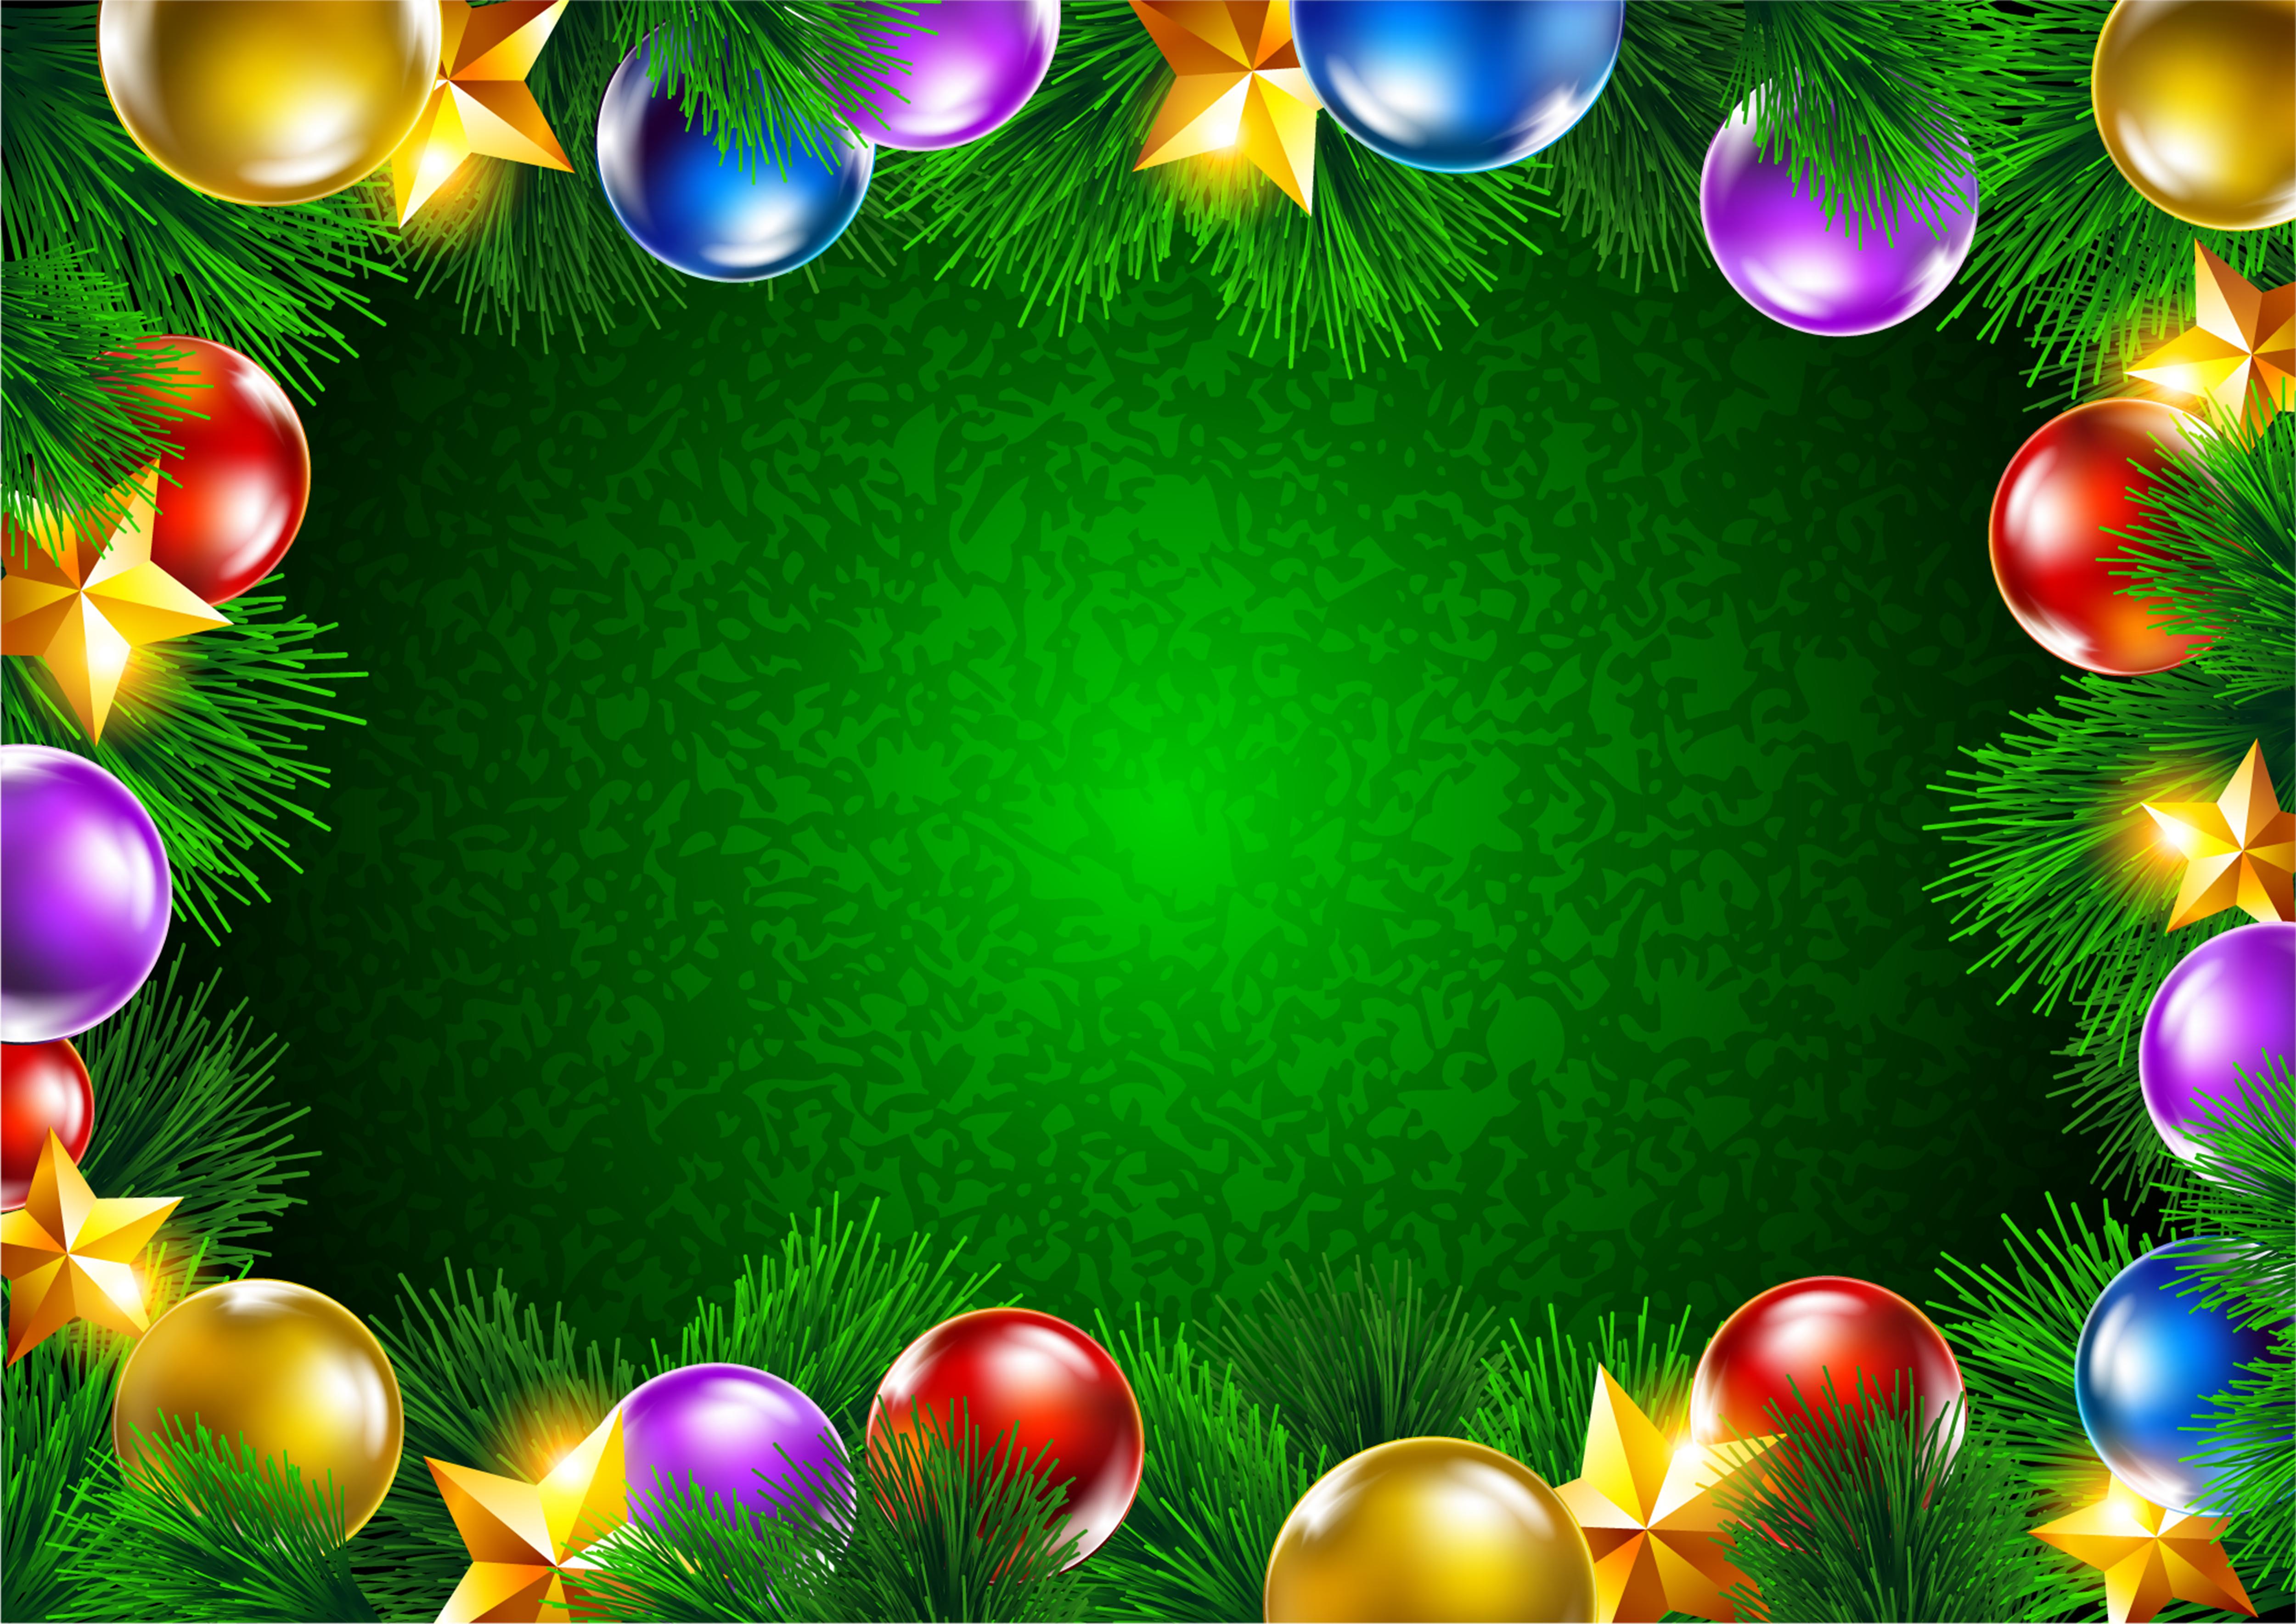 рамка для имени красивая картинки новый год